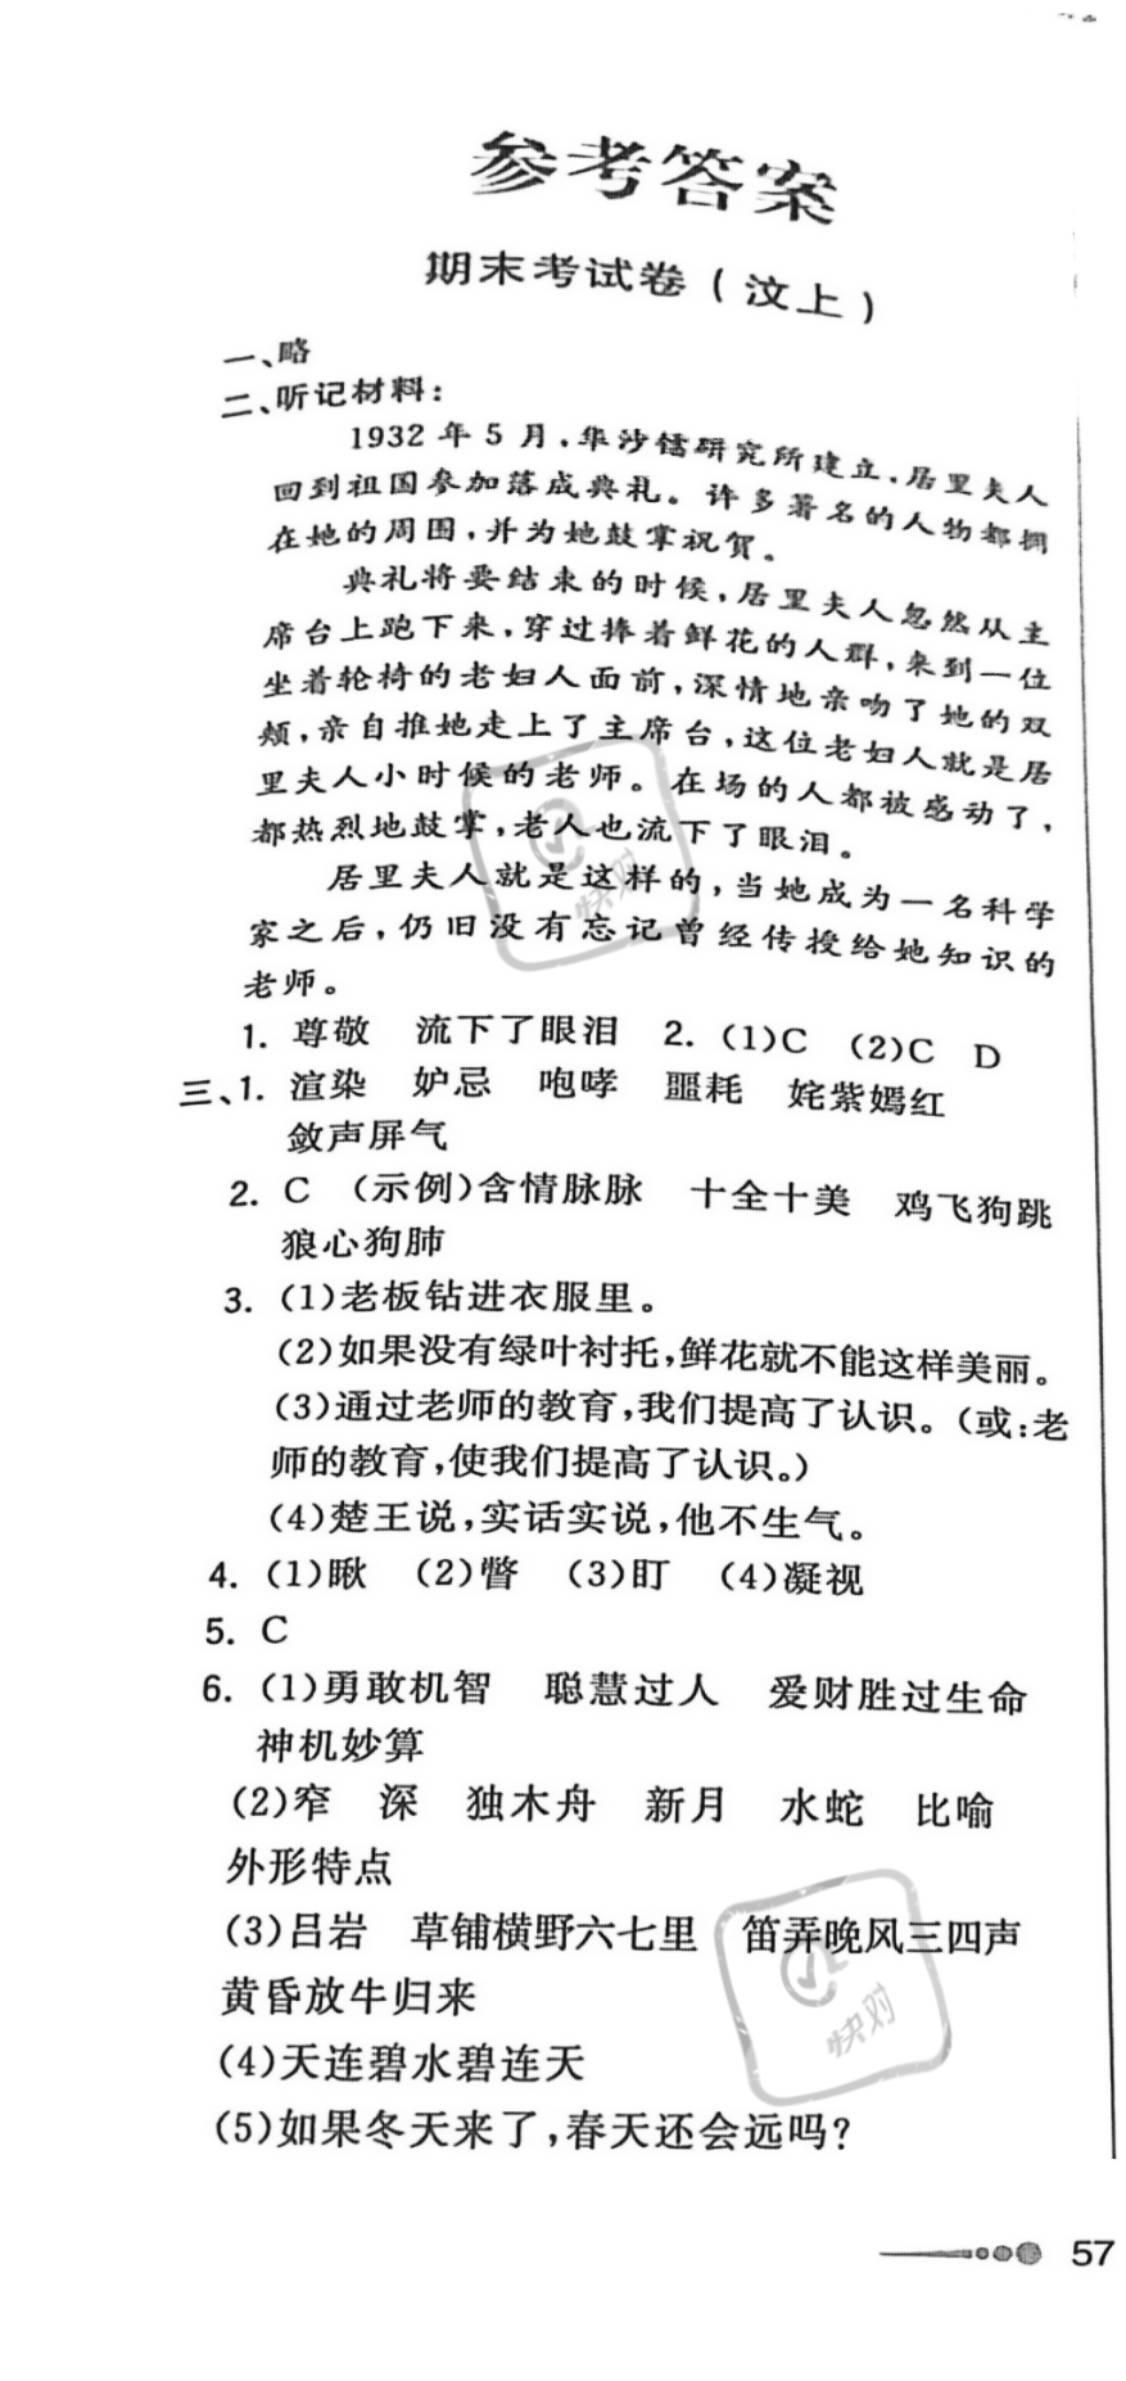 2019年济宁真题汇编五年级历史下册人教版